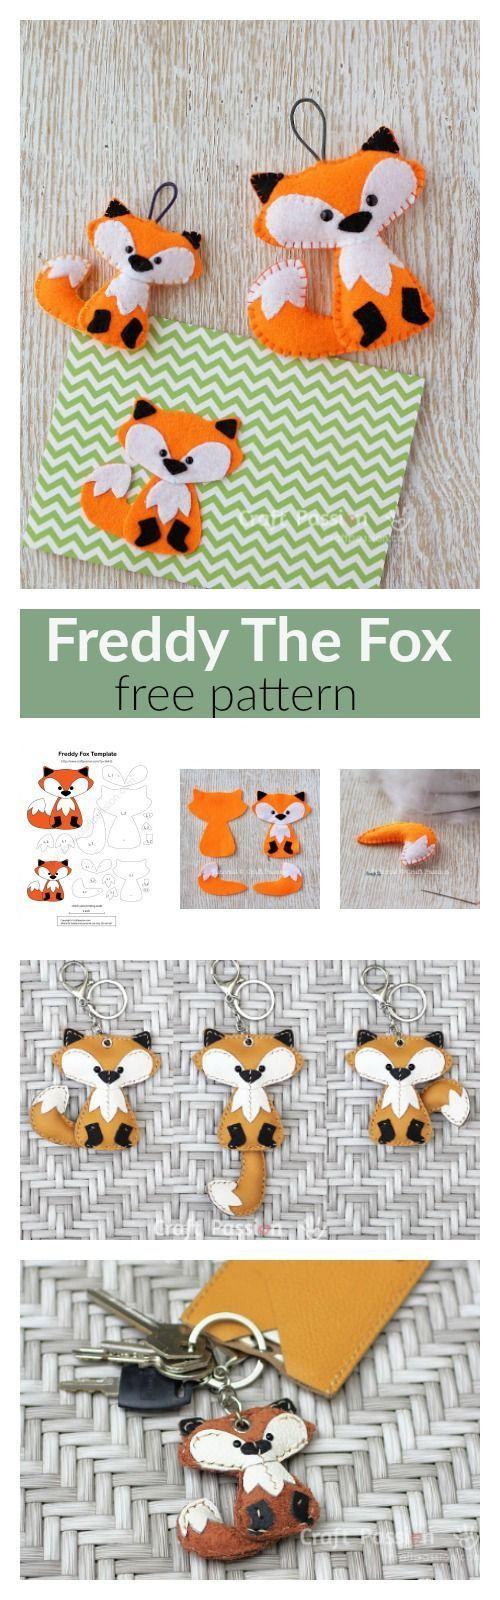 free pattern for a felt fox key ring